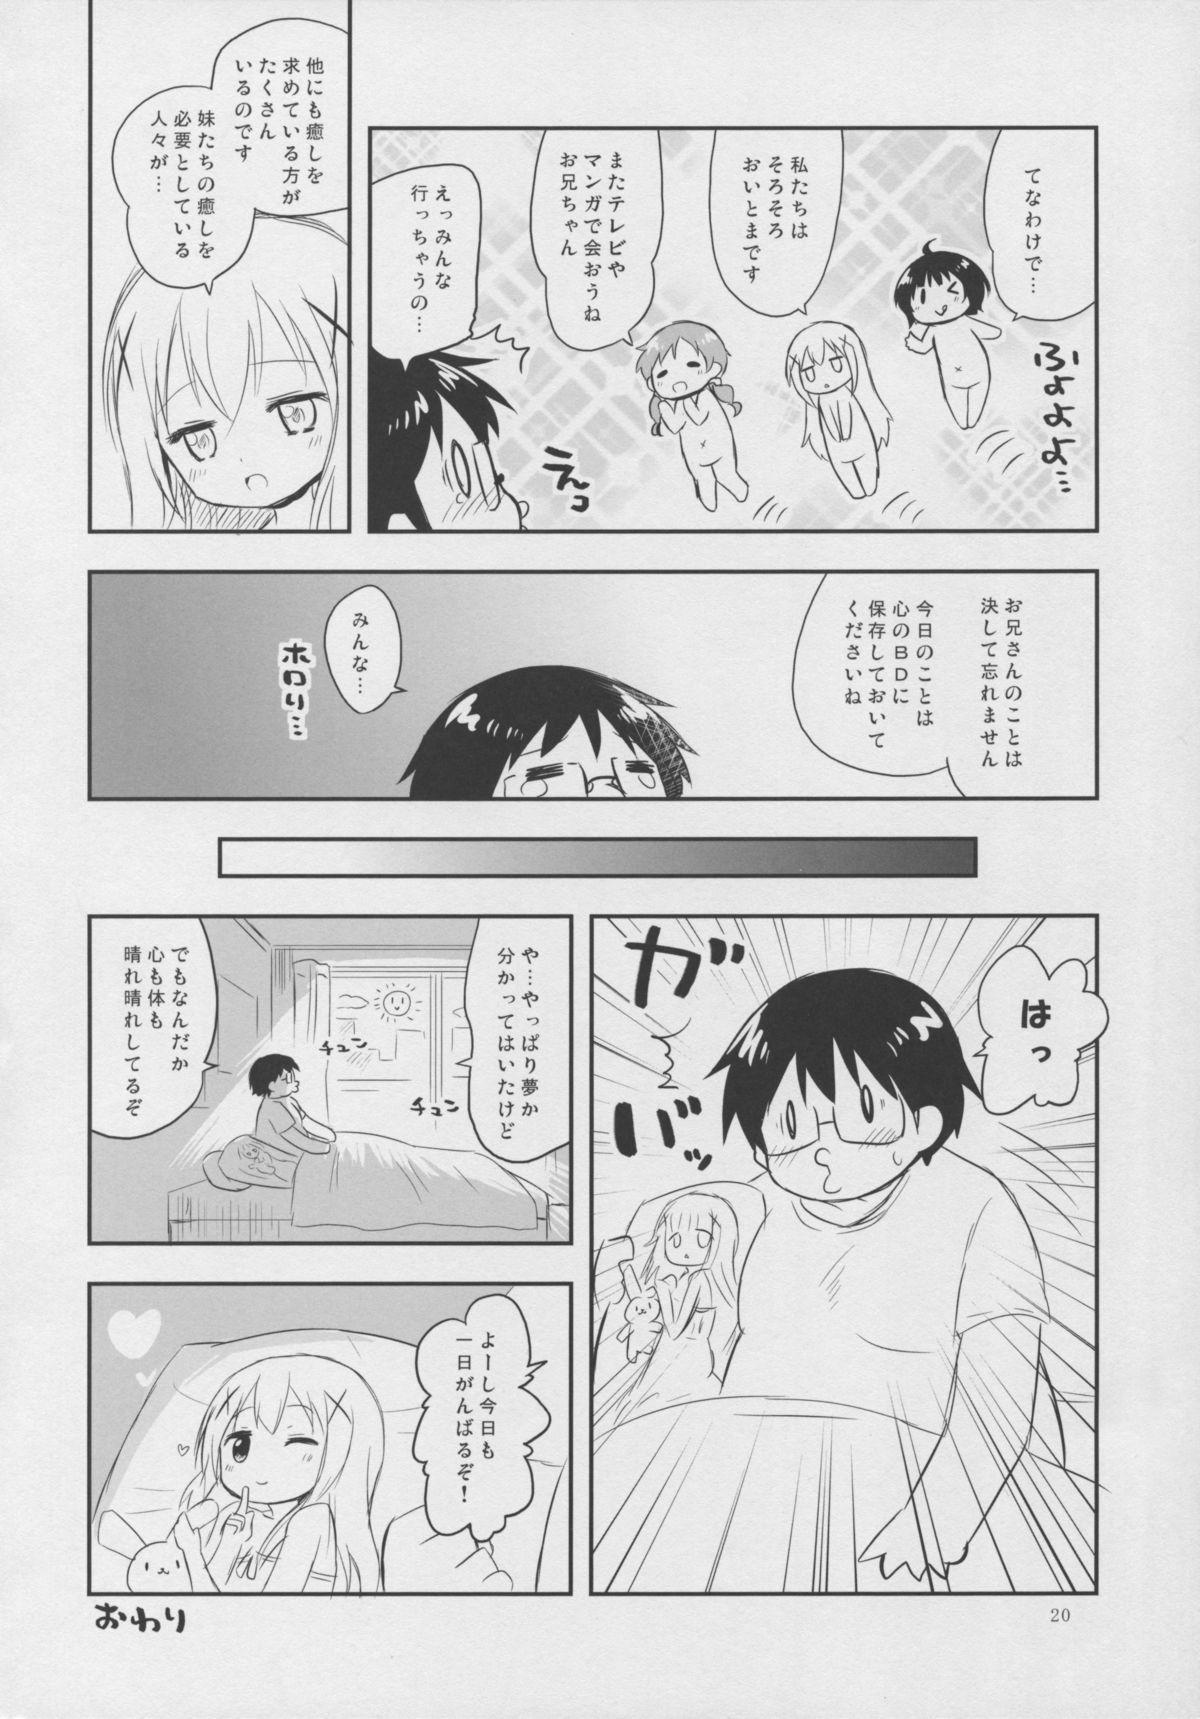 Kyoui! Imouto Kissa wa Jitsuzai Shita! 19